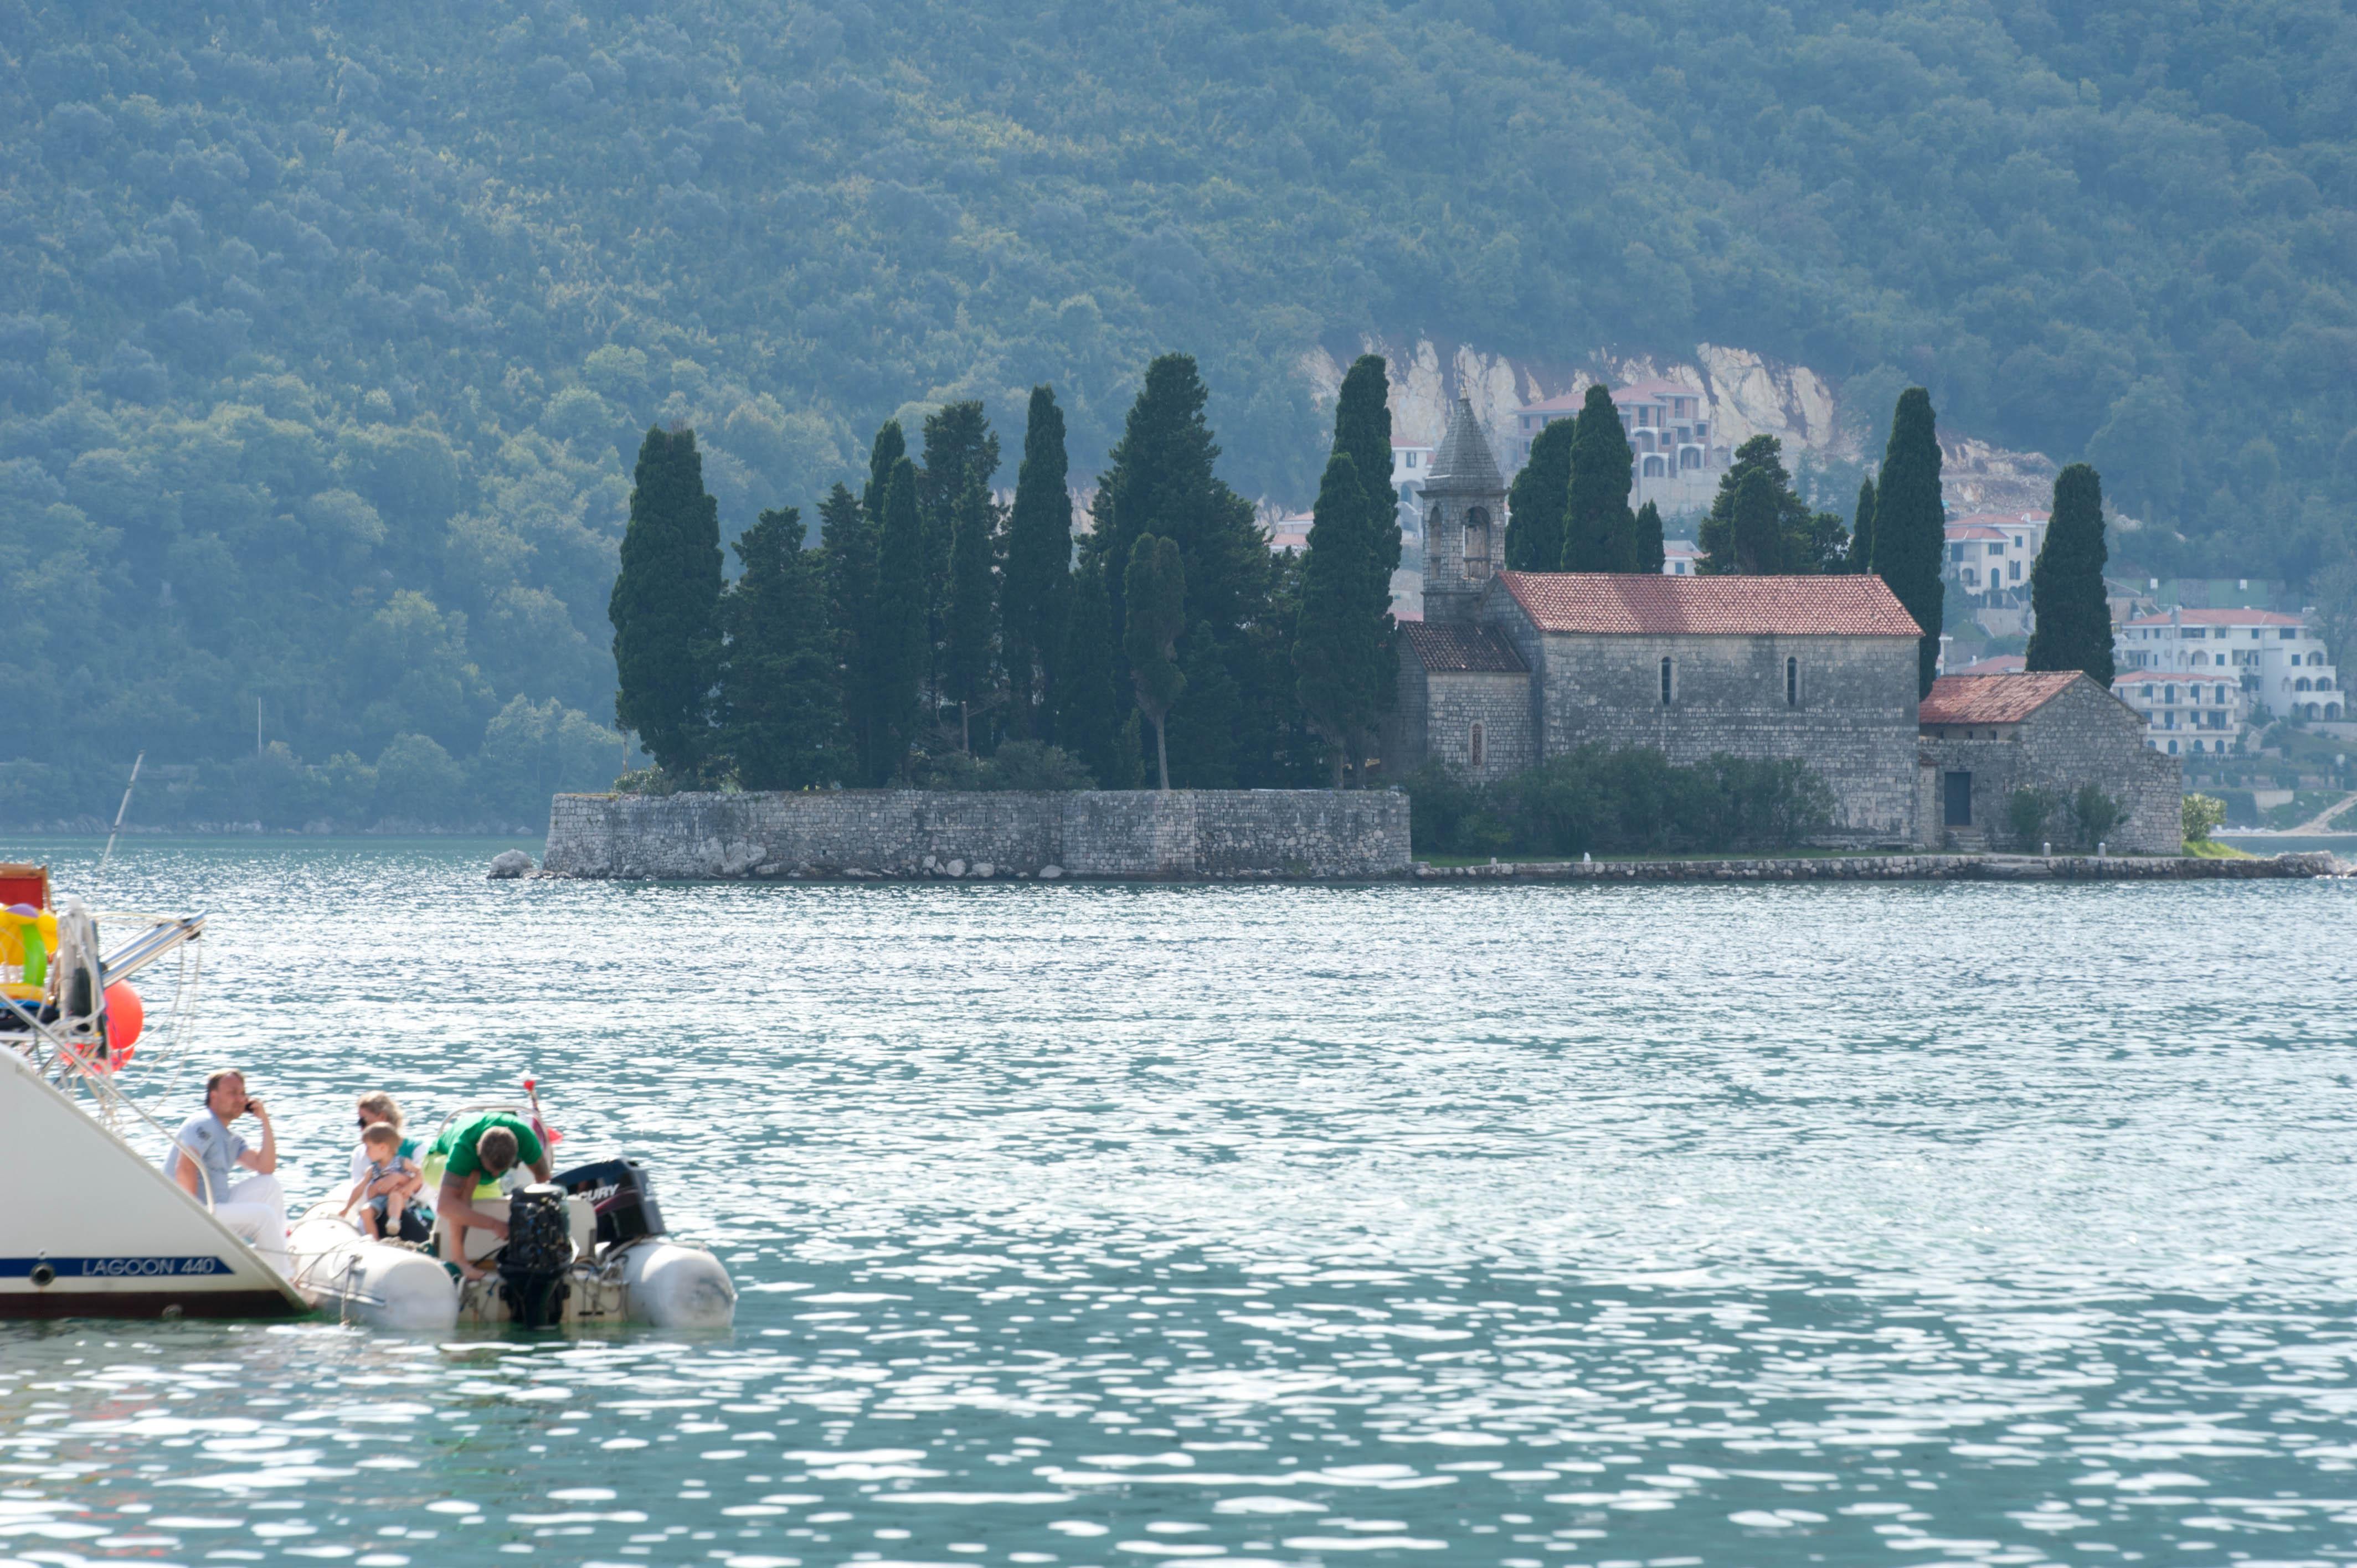 0209-Perast - Bouches de Kotor (Montenegro)